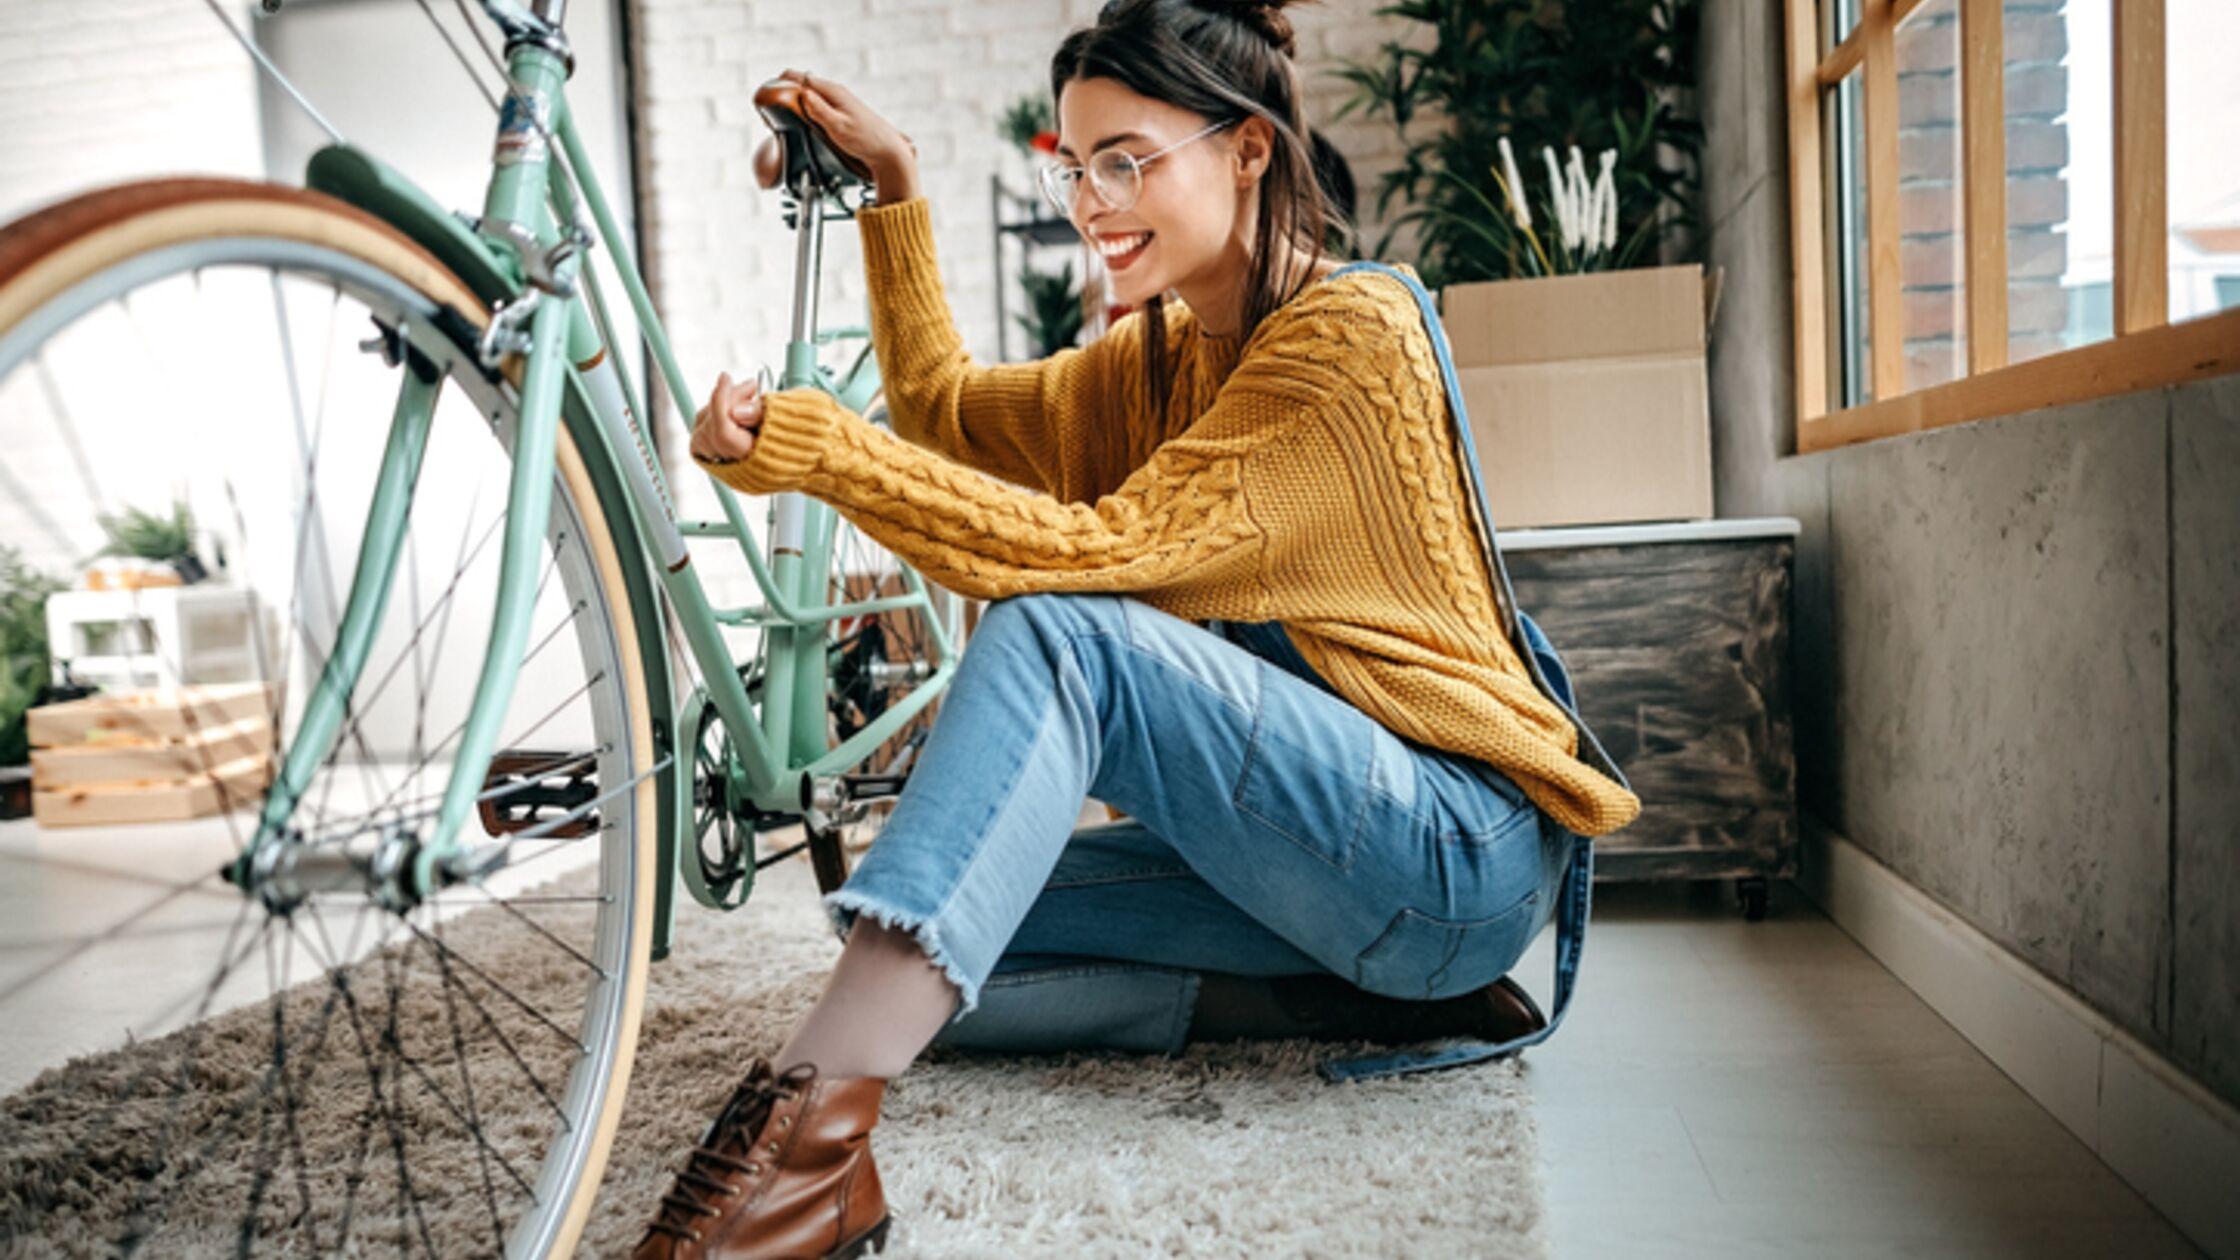 Fahrrad richtig transportieren: So klappt der Umzug